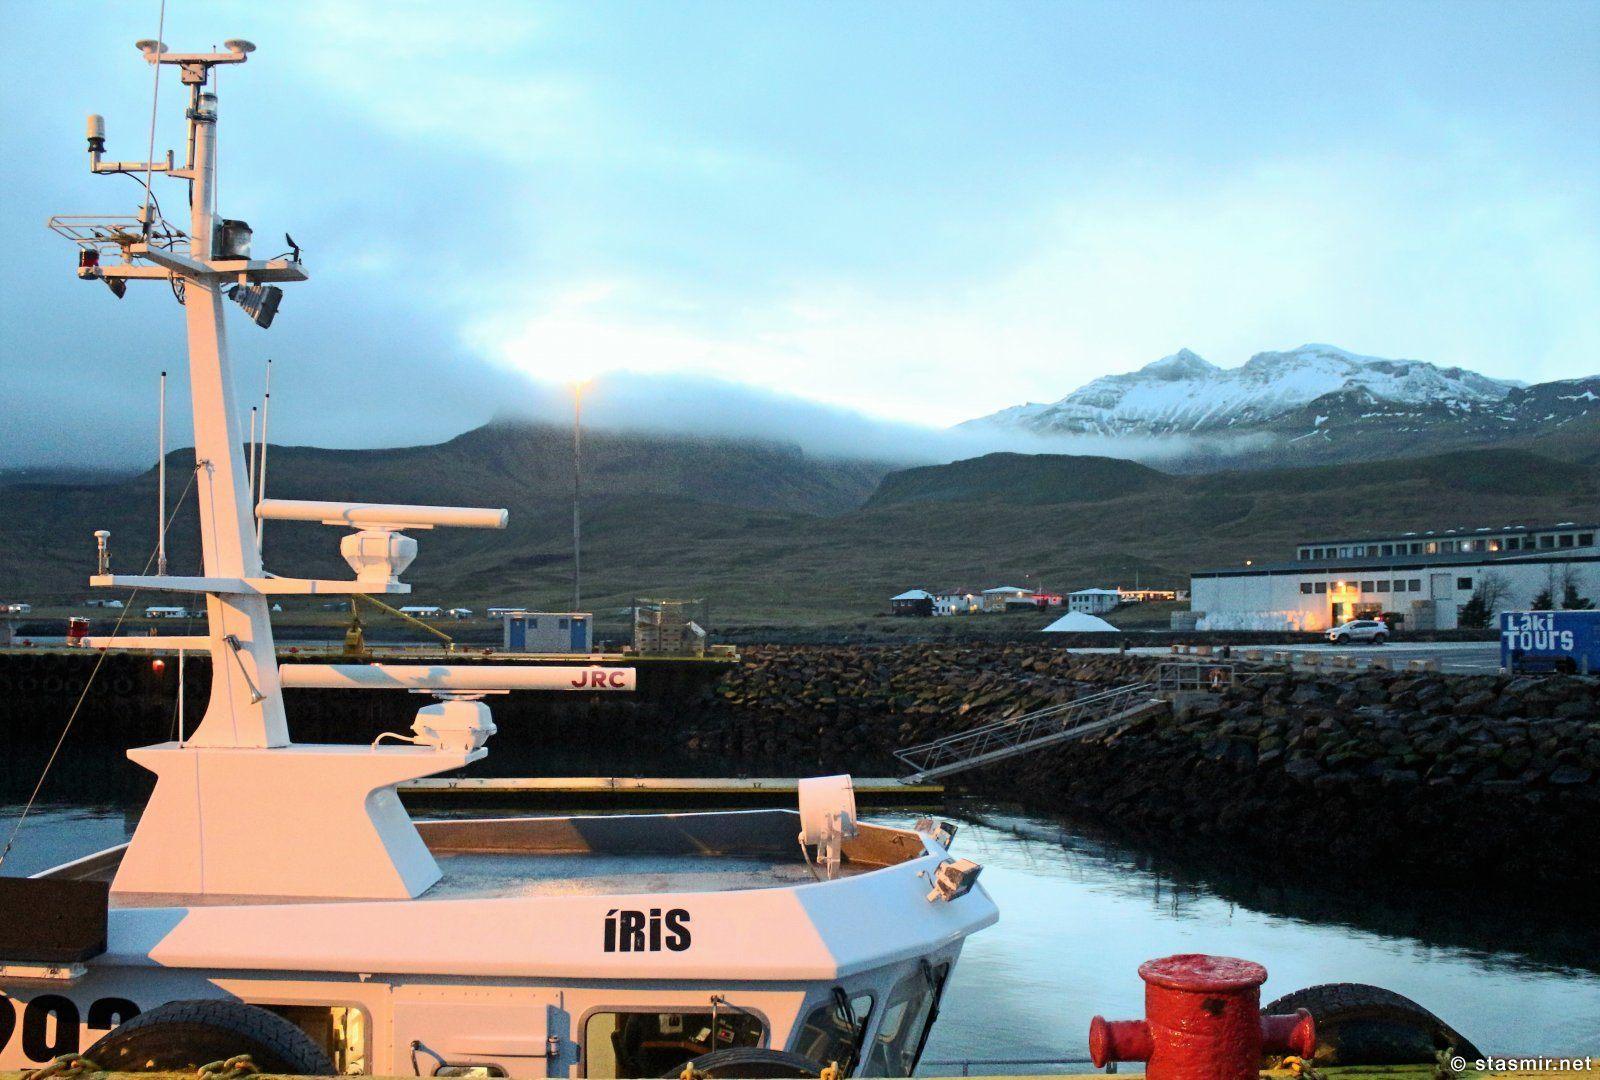 Грюндарфьёрдю, Западная Исландия, малые суда в порту, фото Стасмир, photo Stasmir